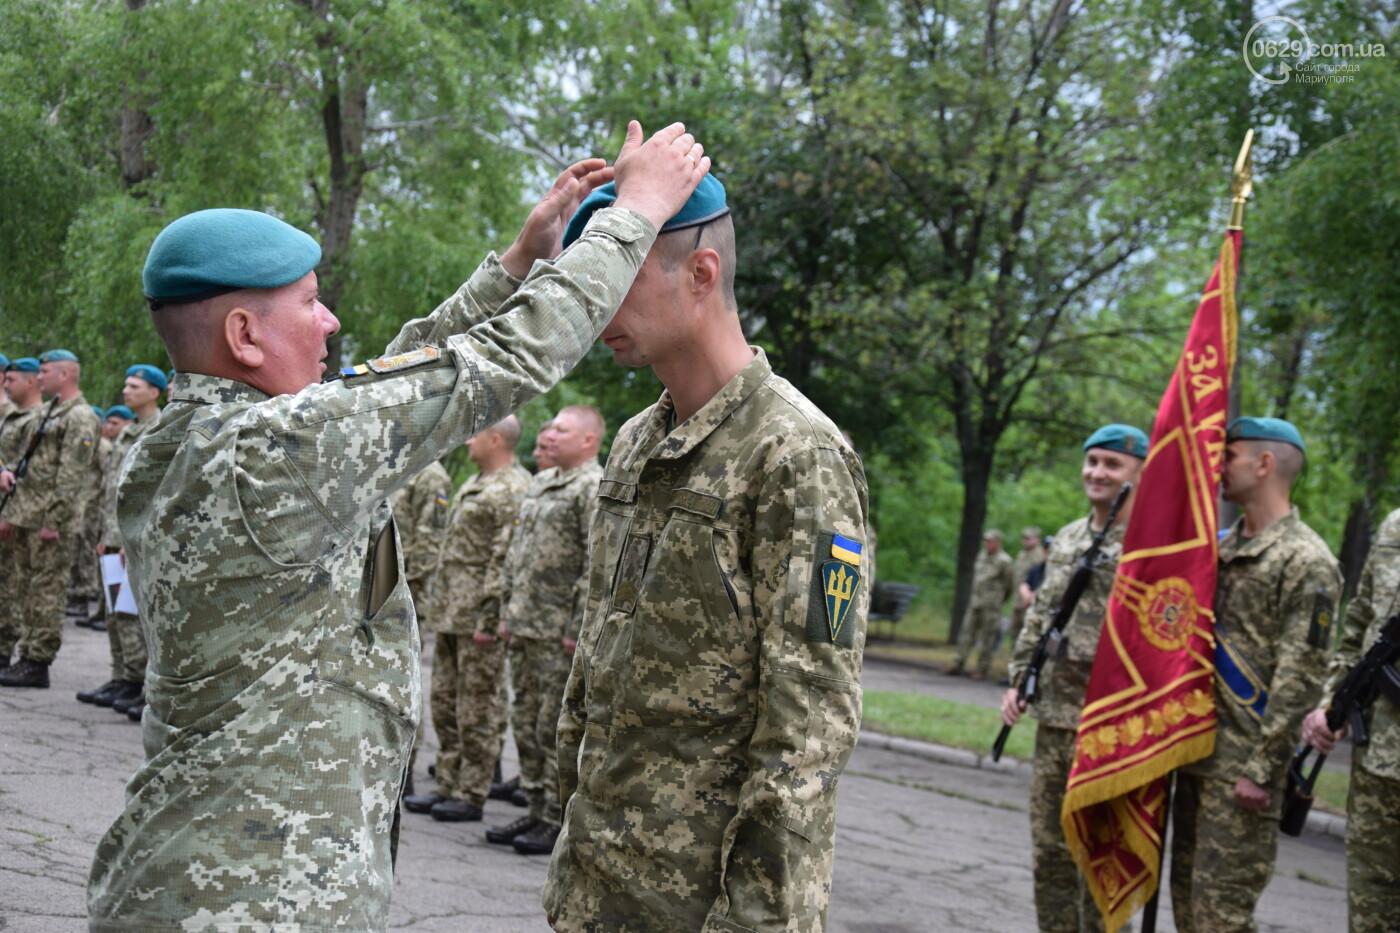 В Мариуполе морпехи присягнули на верность Украине и получили боевое знамя, - ФОТОРЕПОРТАЖ, фото-8